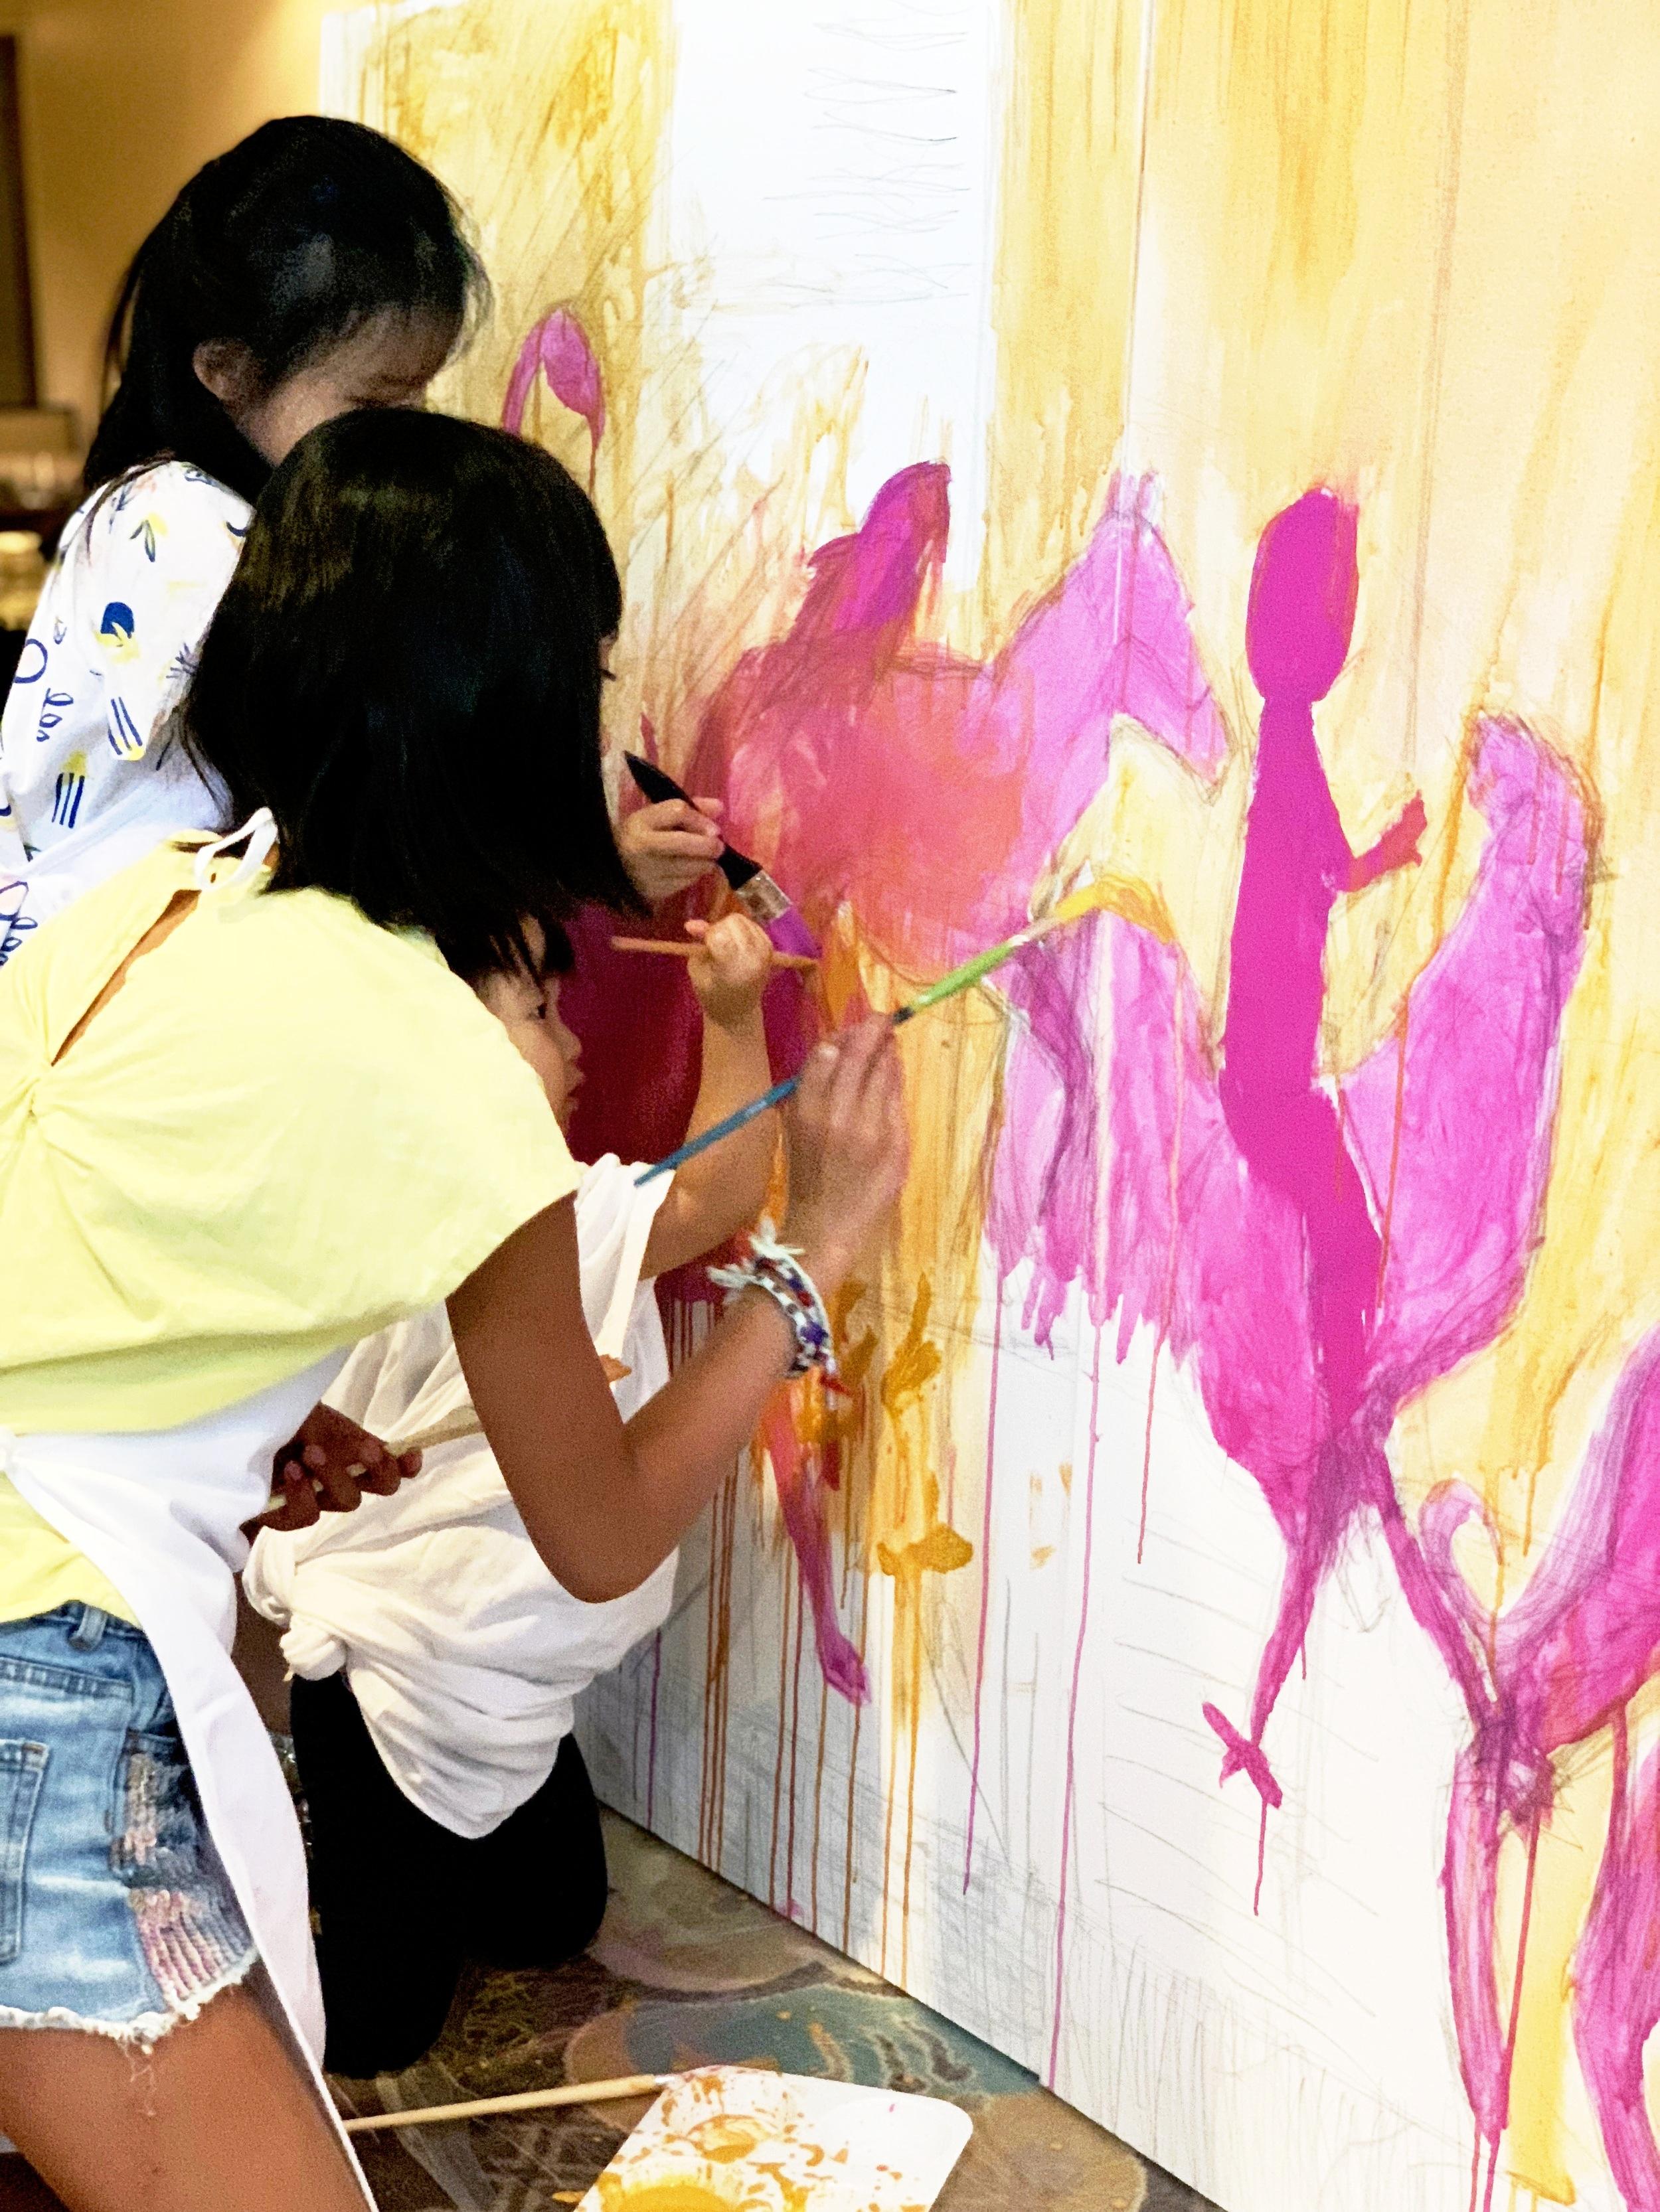 Girls-Paint-Mural-Swirl-FourSeasons-Jabari.jpg